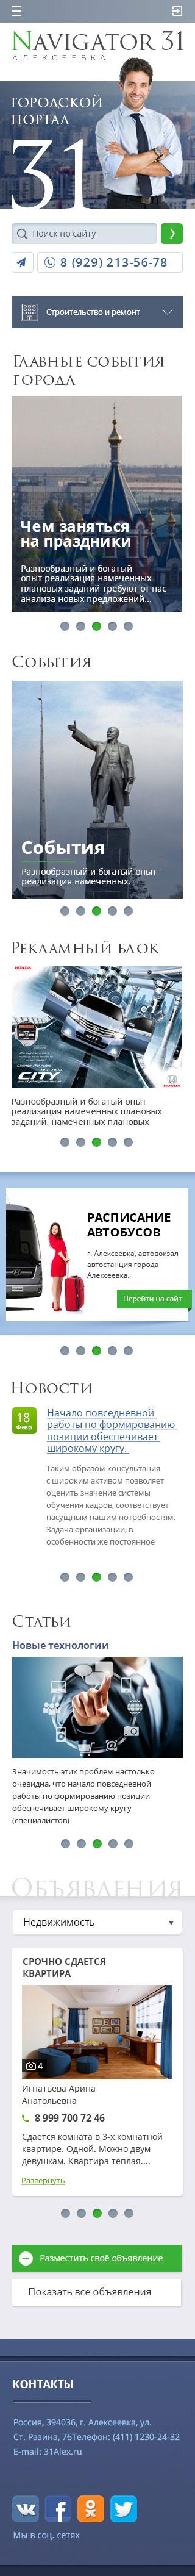 примеры сайтов предприятий Городской портал 31 320 px